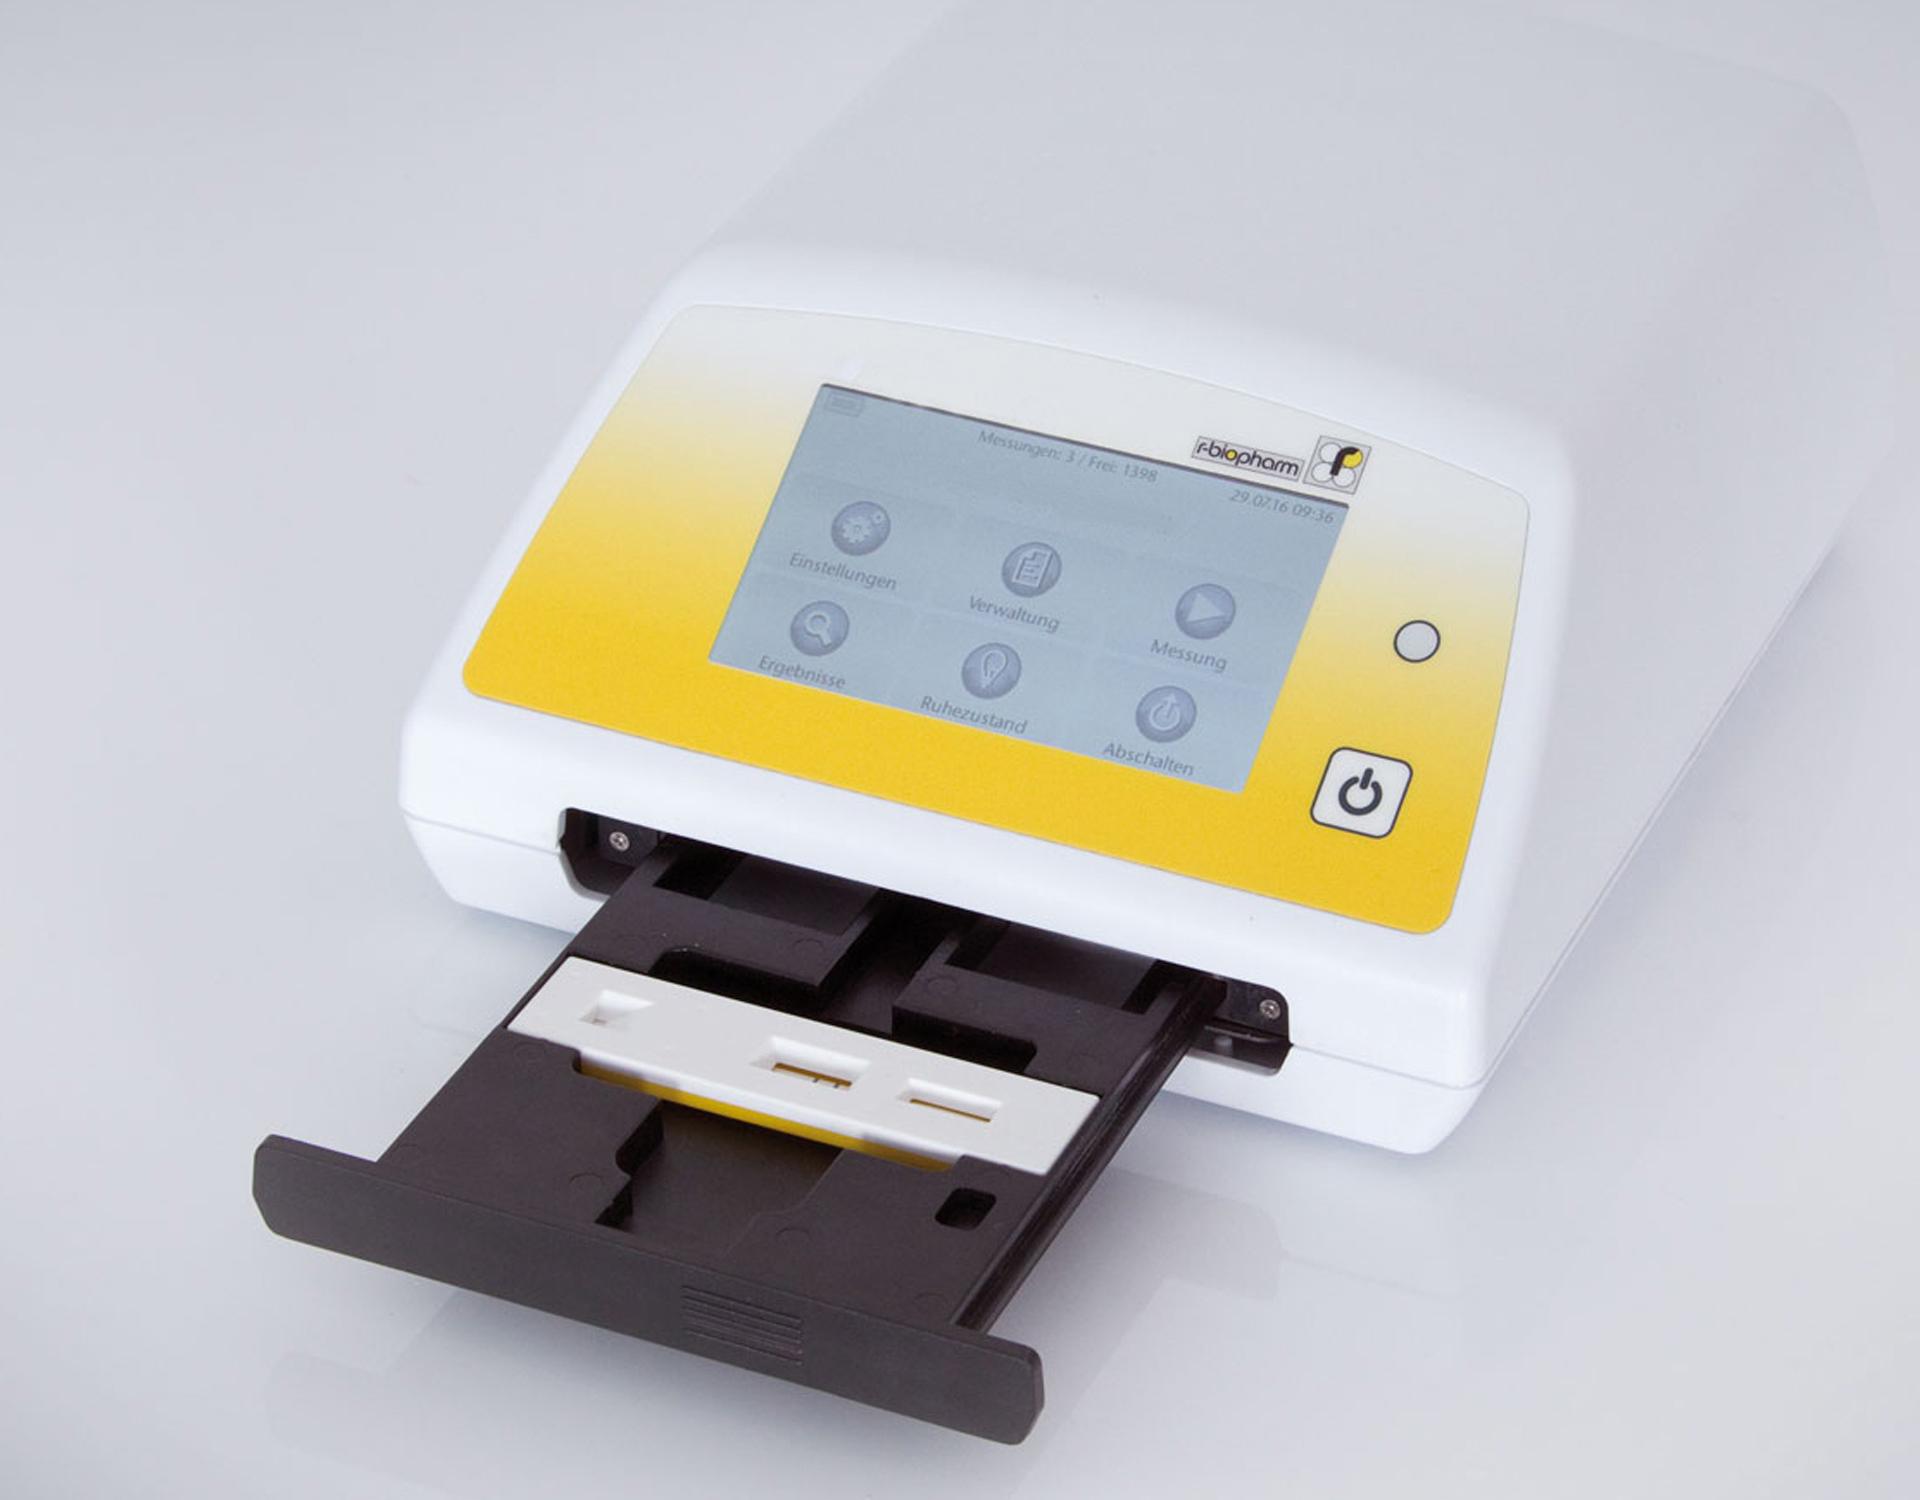 Rechteckiges, handliches Gerät mit kleinem Bildschirm